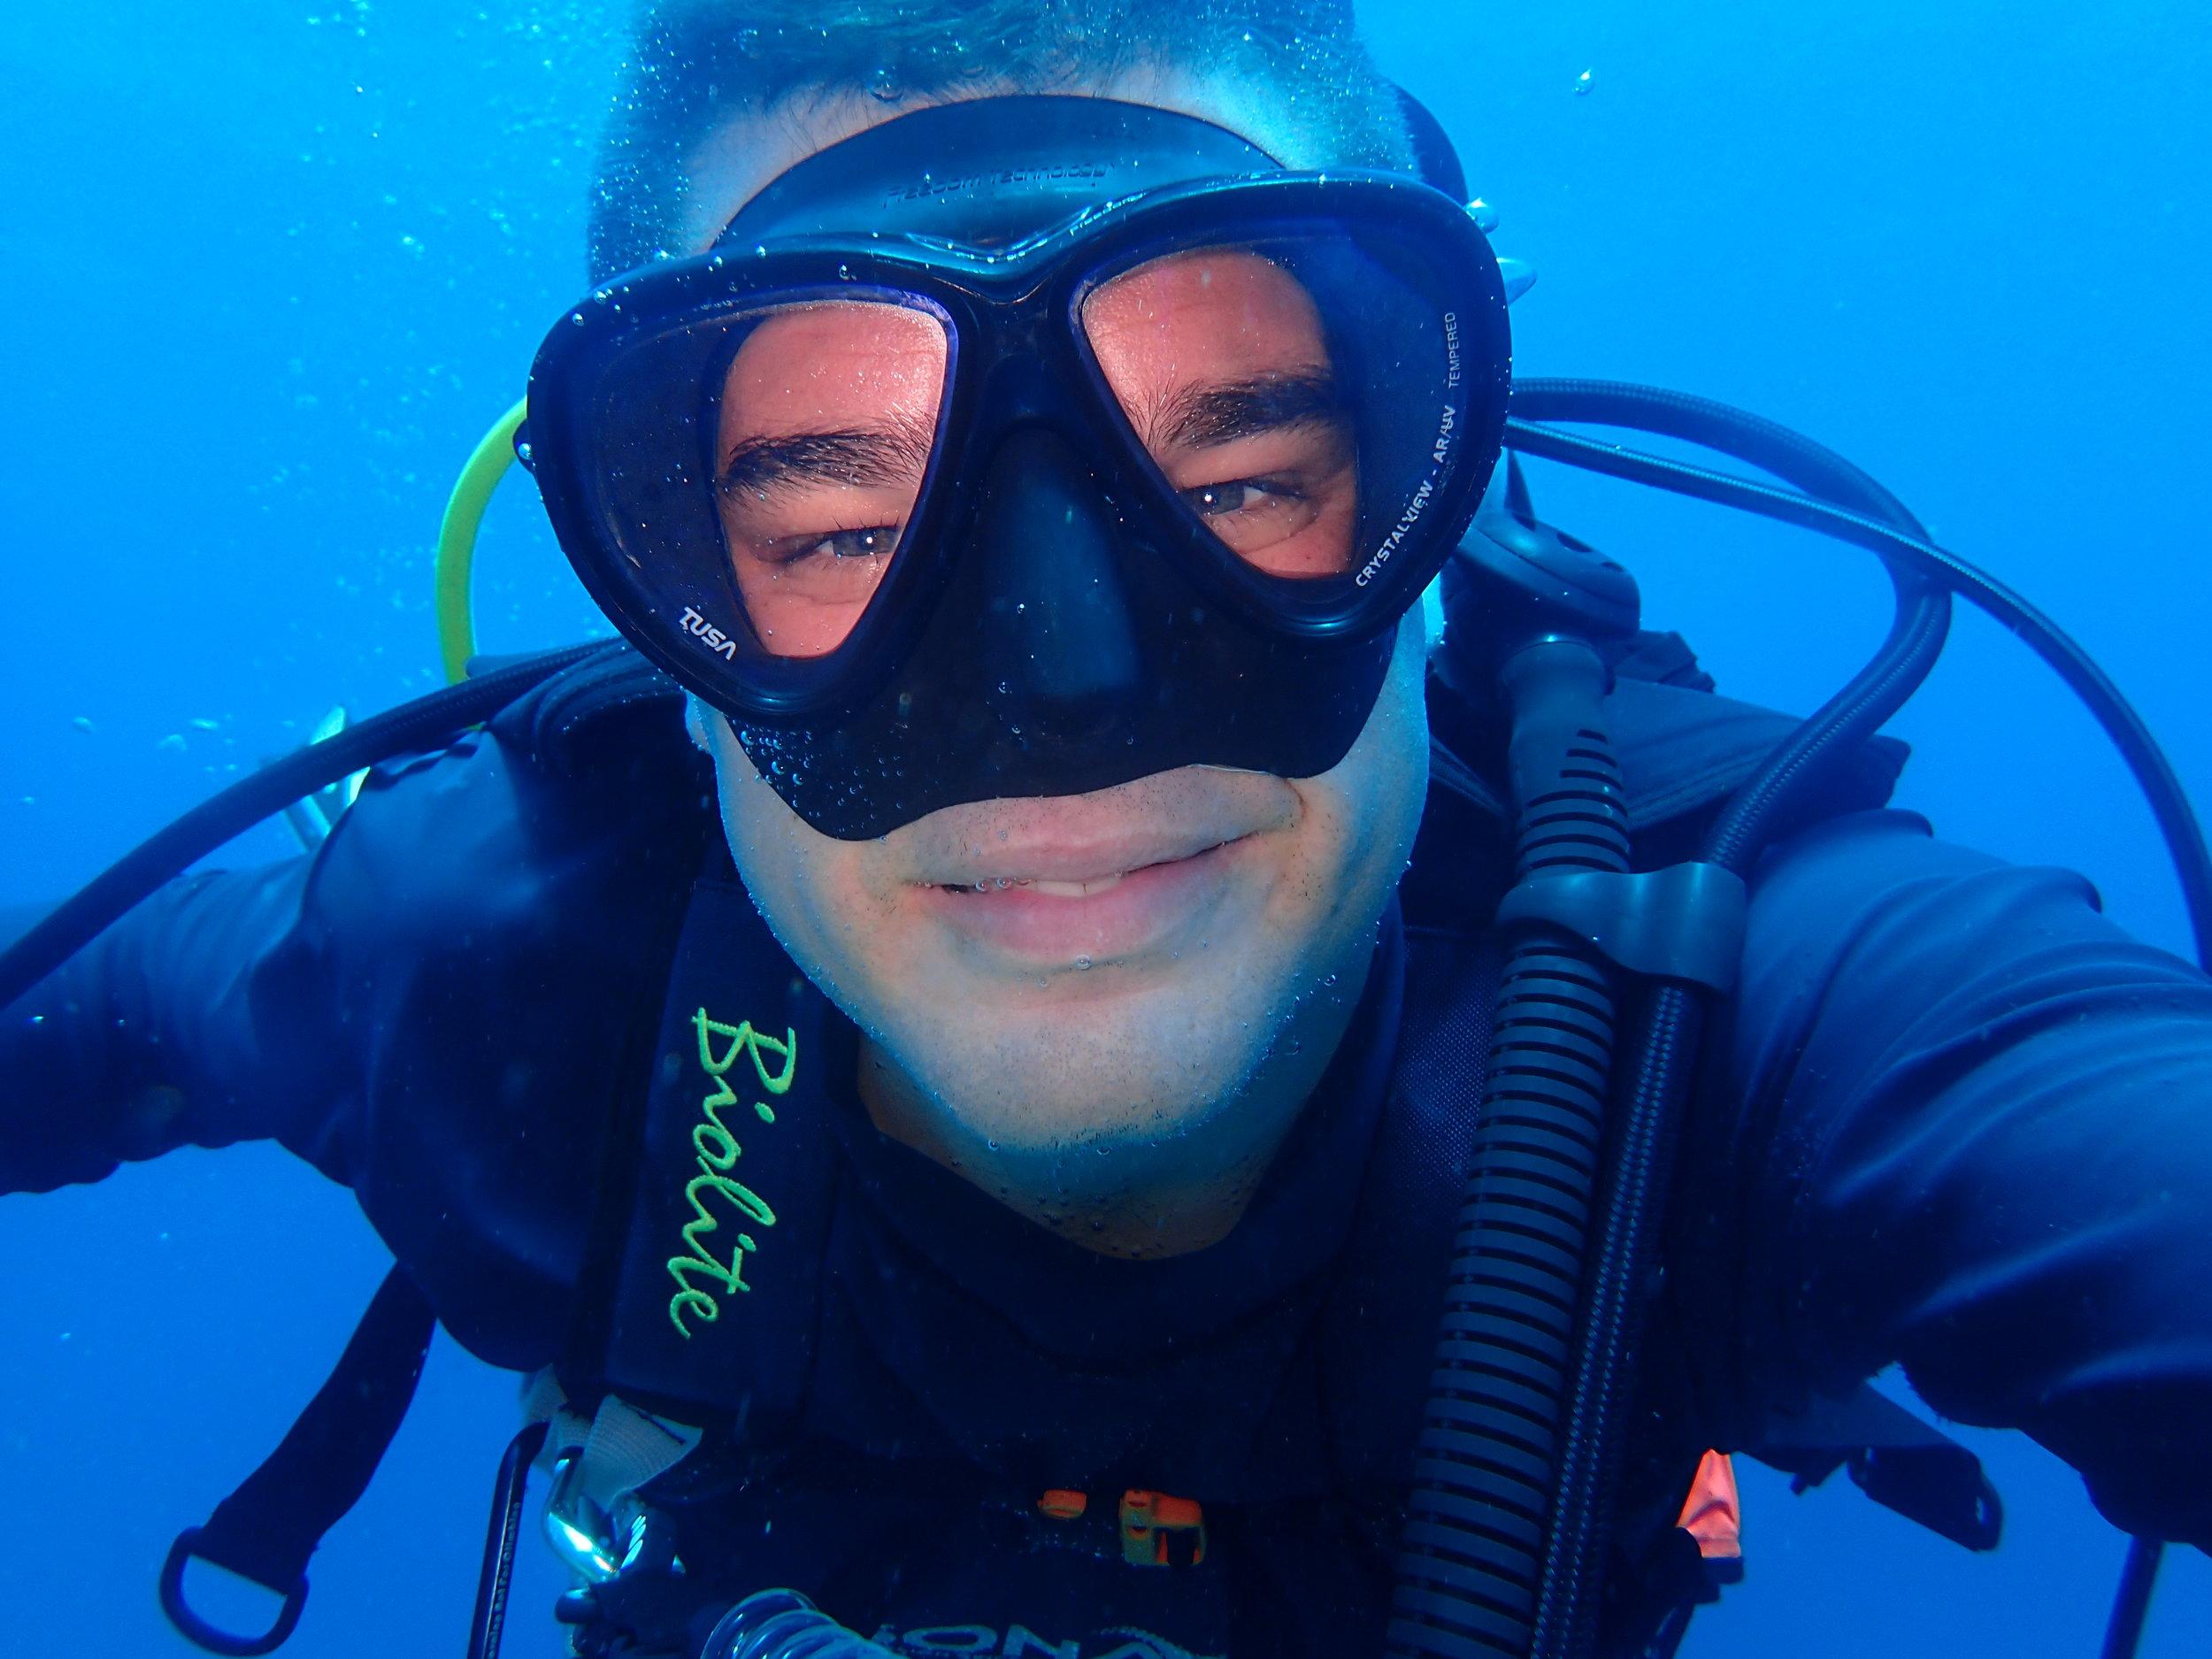 My first decent underwater selfie